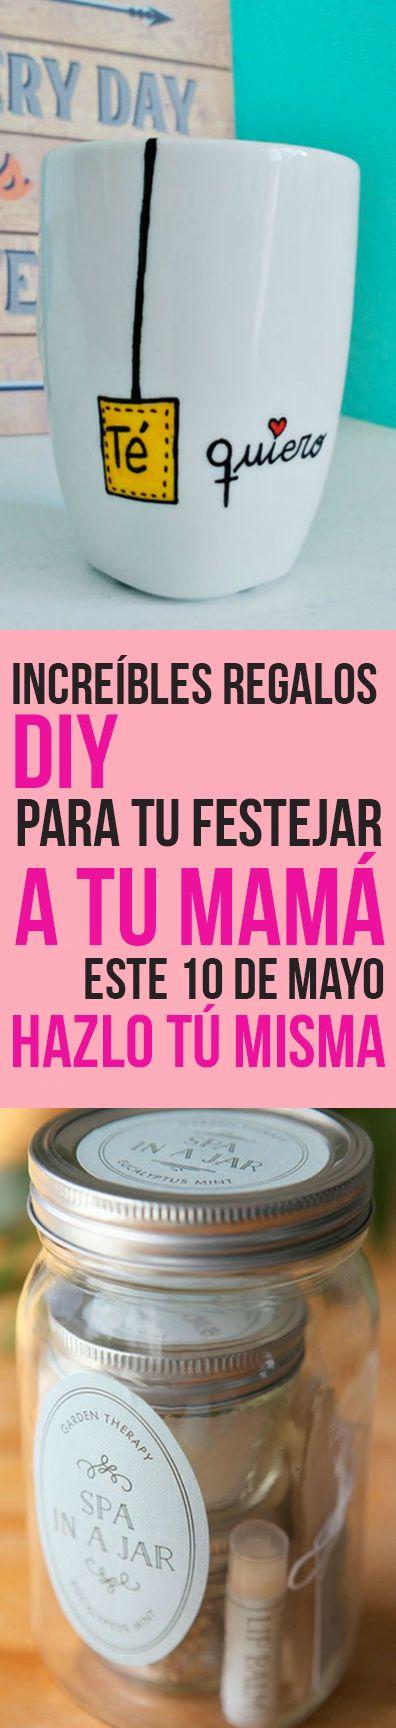 Increíbles Regalos DIY Para Tu Festejar a tu Mamá Este 10 de Mayo. Hazlo Tú Misma